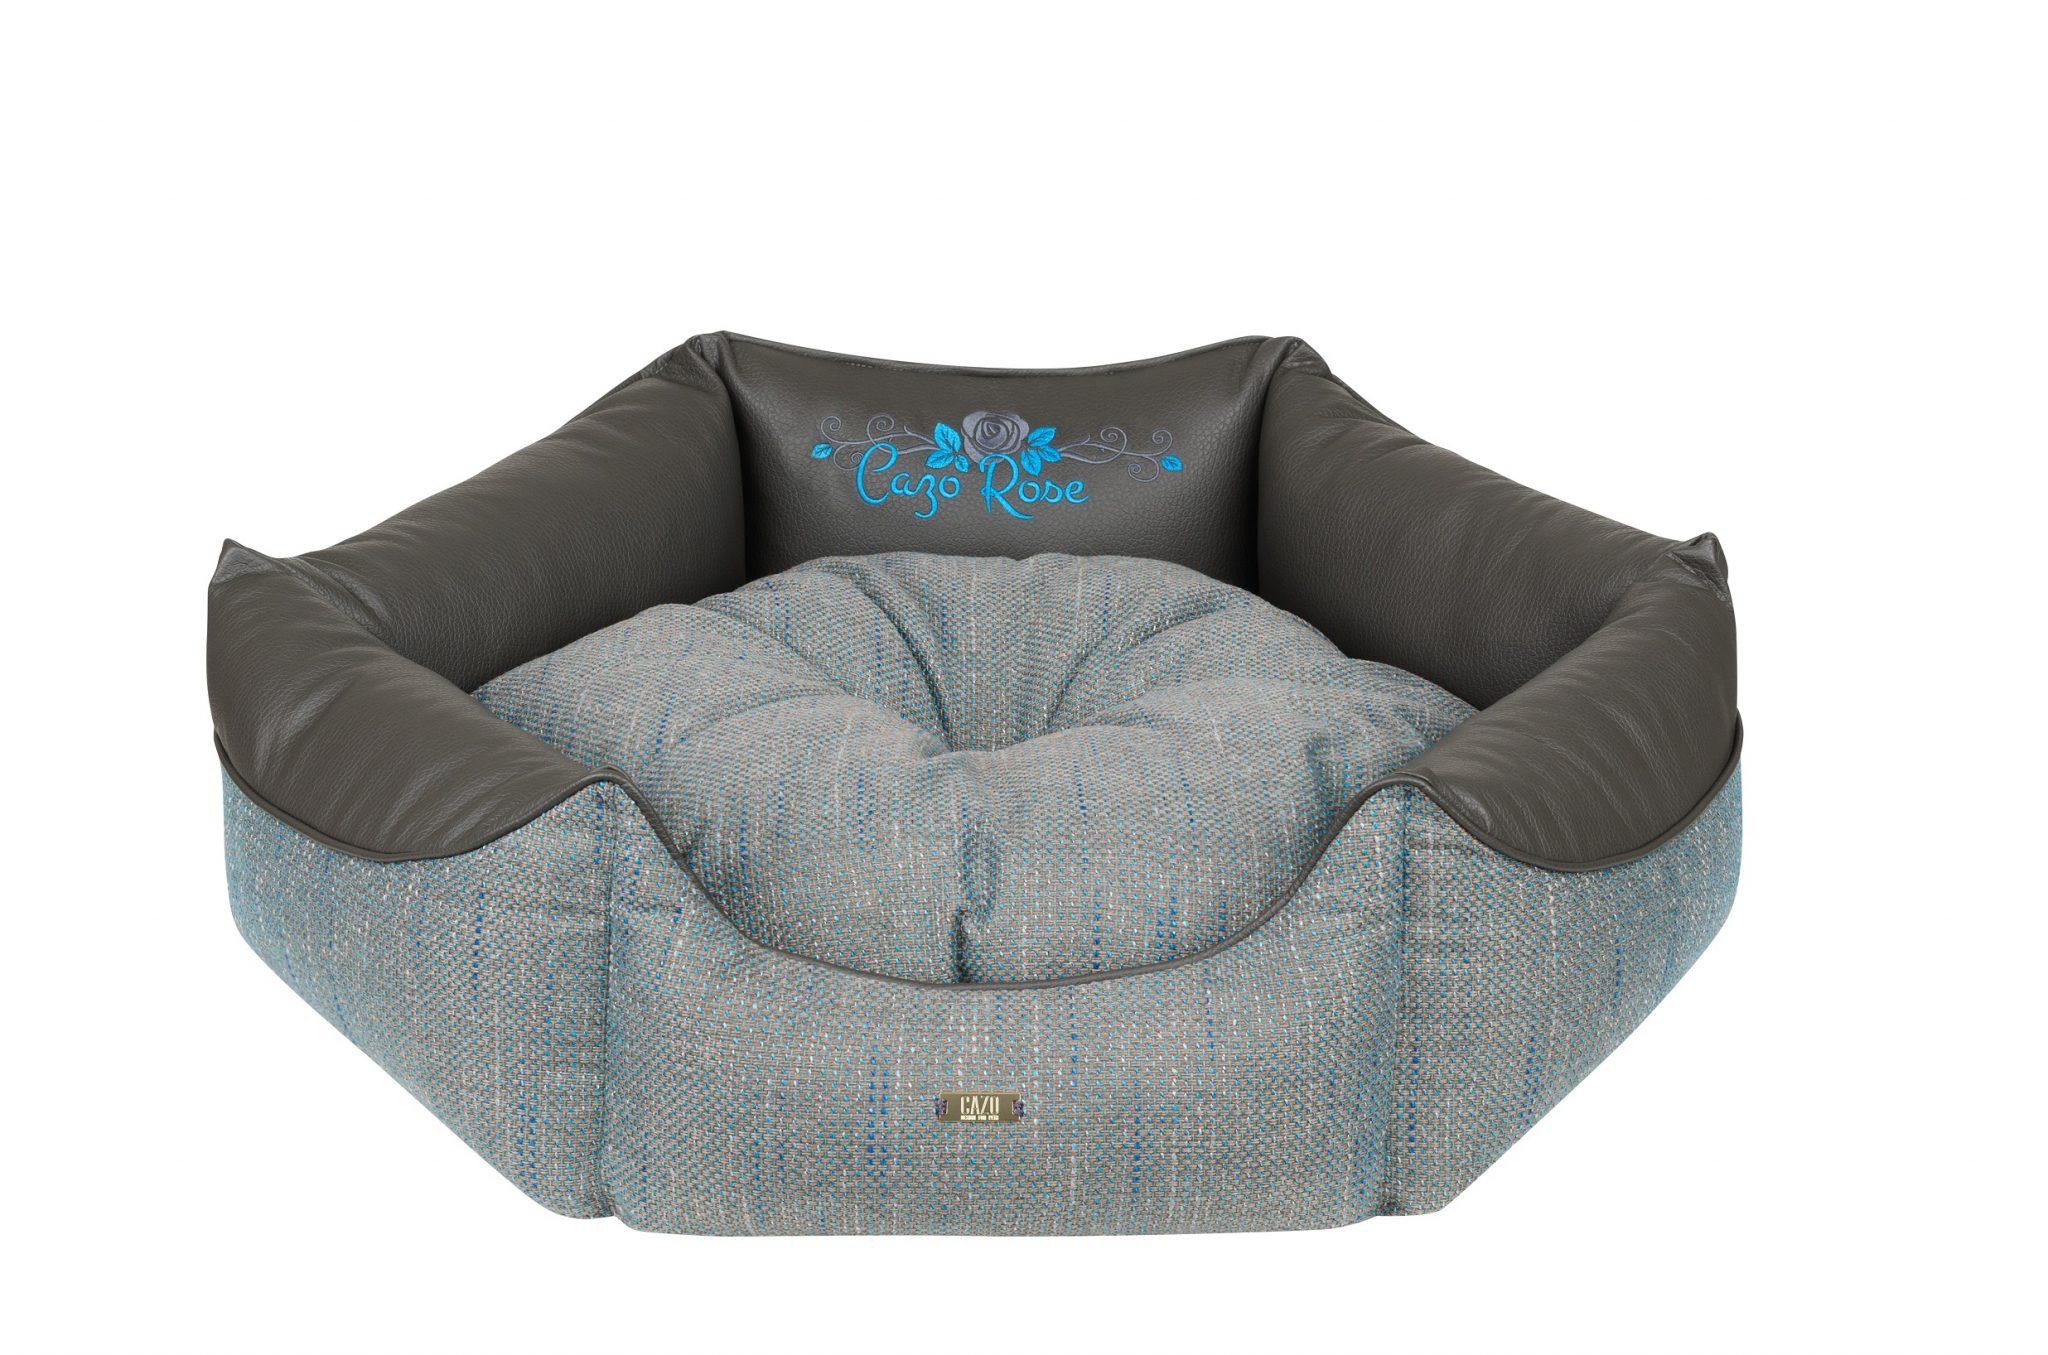 Pelech Cazo Blue King rose je pohodlný a kvalitný pelech pre psa alebo mačku. Moderný dizajn, komfort, kvalitné spracovanie materiálov a jednoduchá údržba.